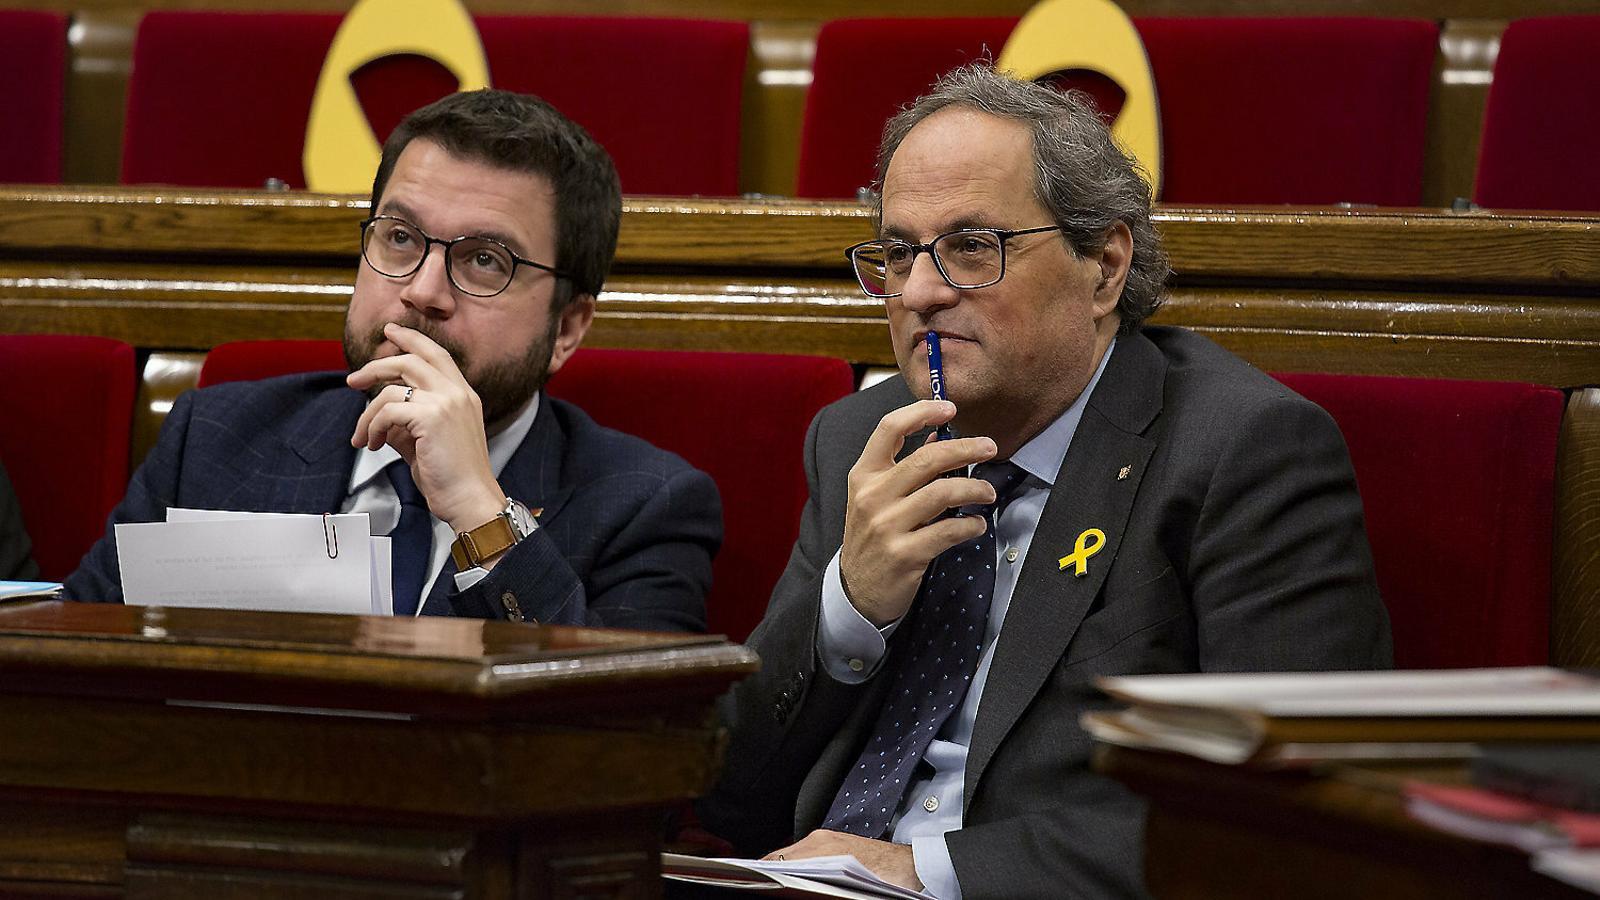 Pere Aragonès i Quim Torra en una imatge d'arxiu al Parlament / FRANCESC MELCION